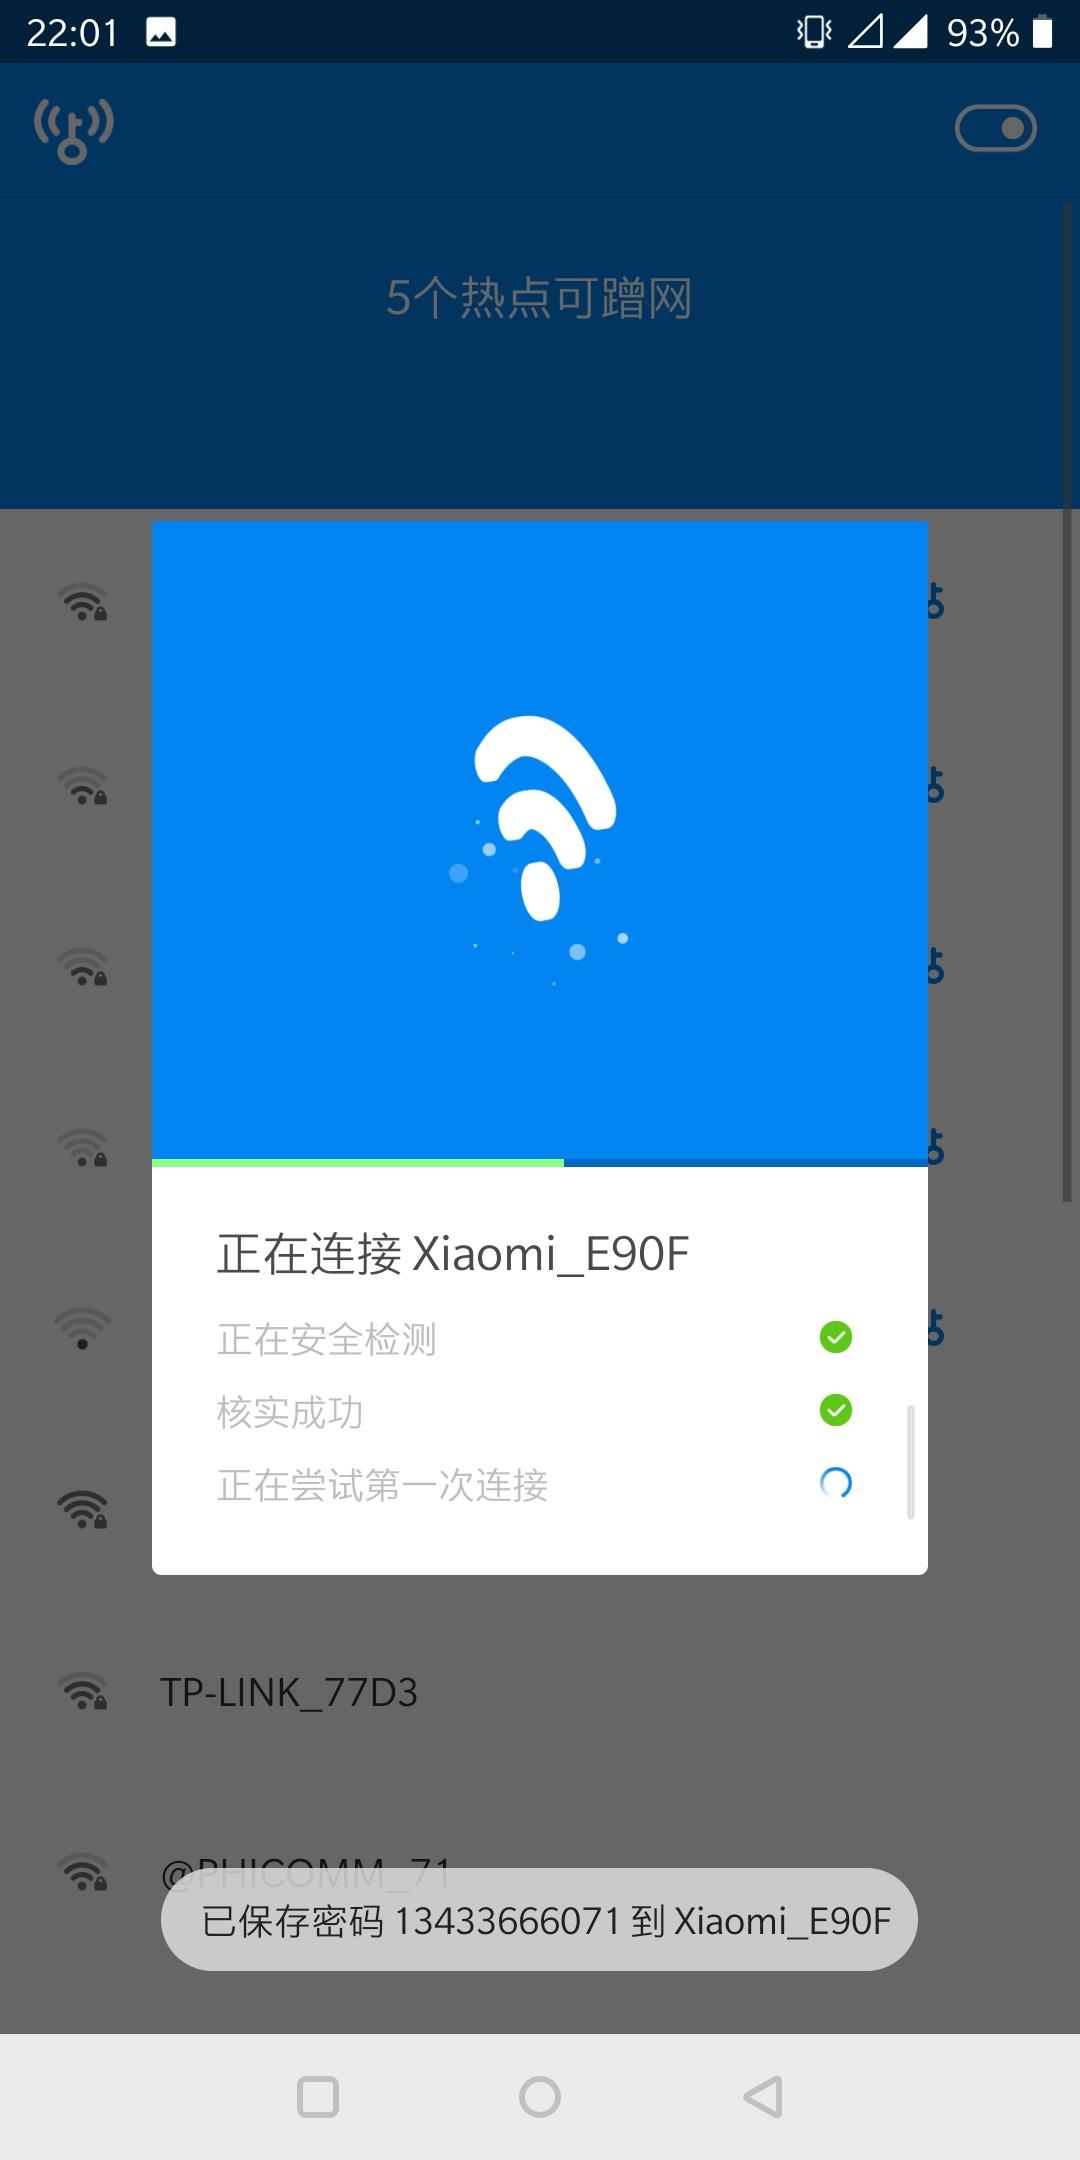 【分享】wifi万能钥匙显密码版v4.3忘记网络用钥匙连破密码